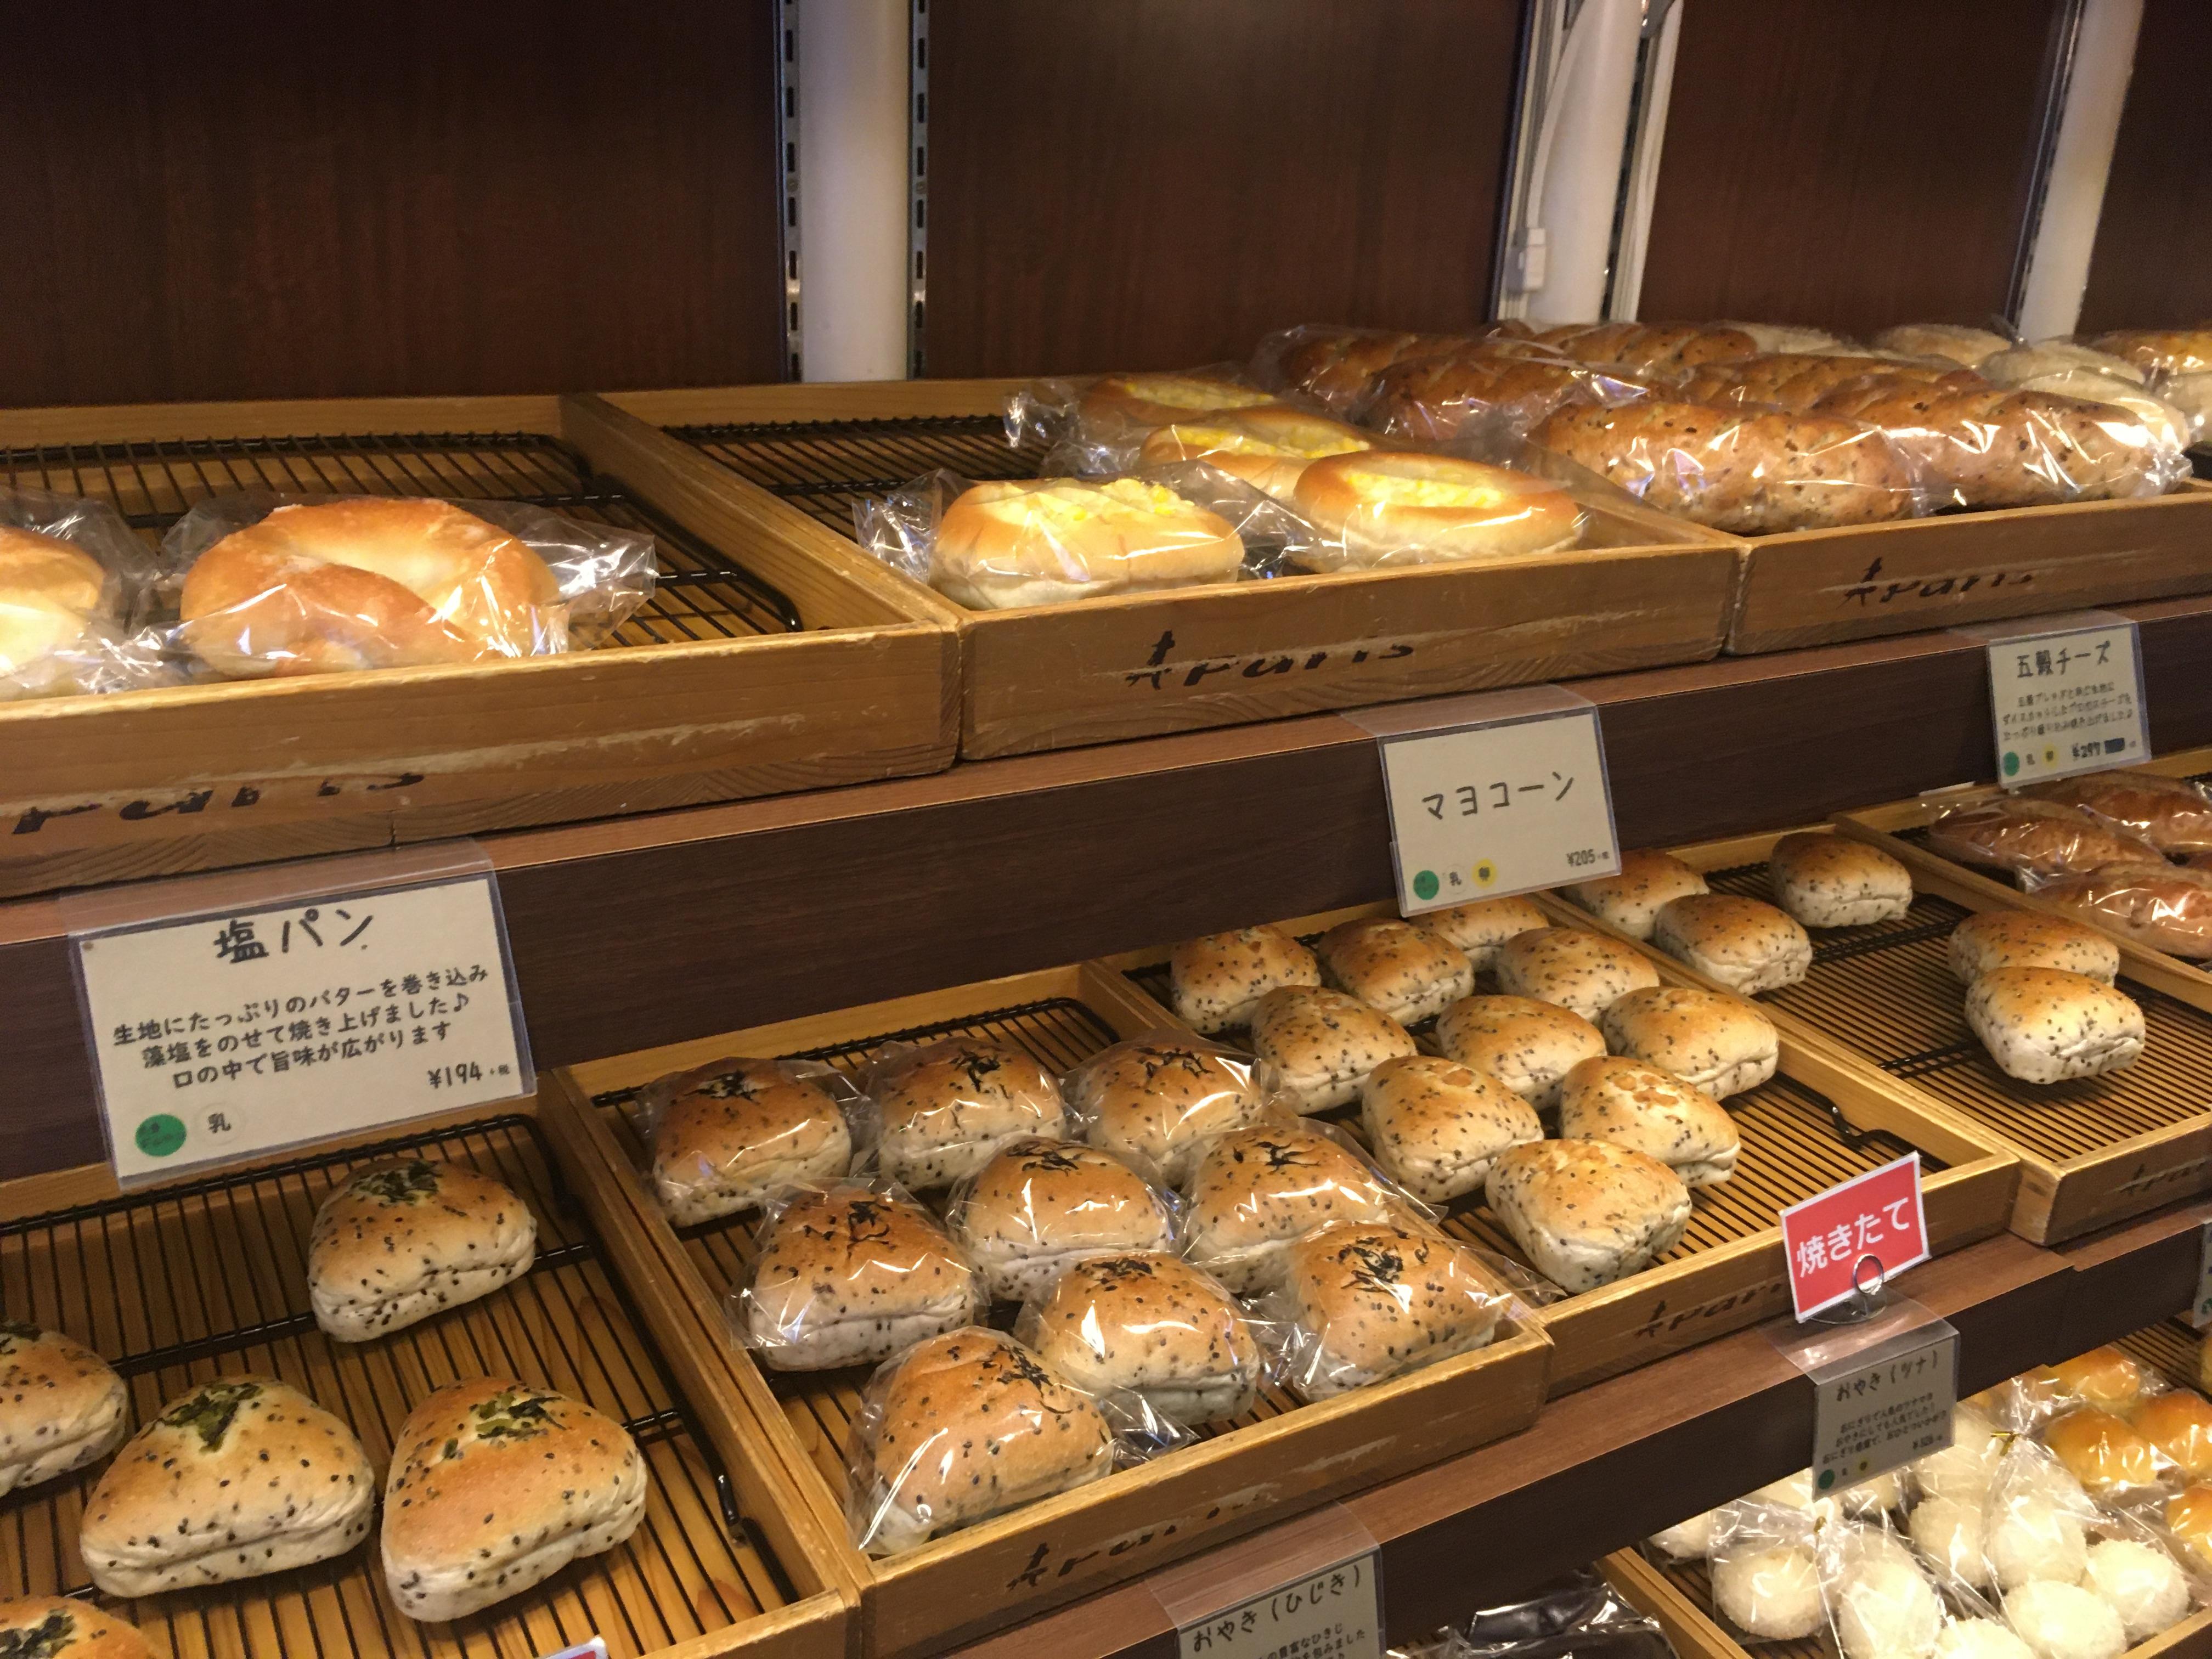 自由が丘,和良自由が丘工房&WARA CAFE,米粉,パン,パン屋,カフェ